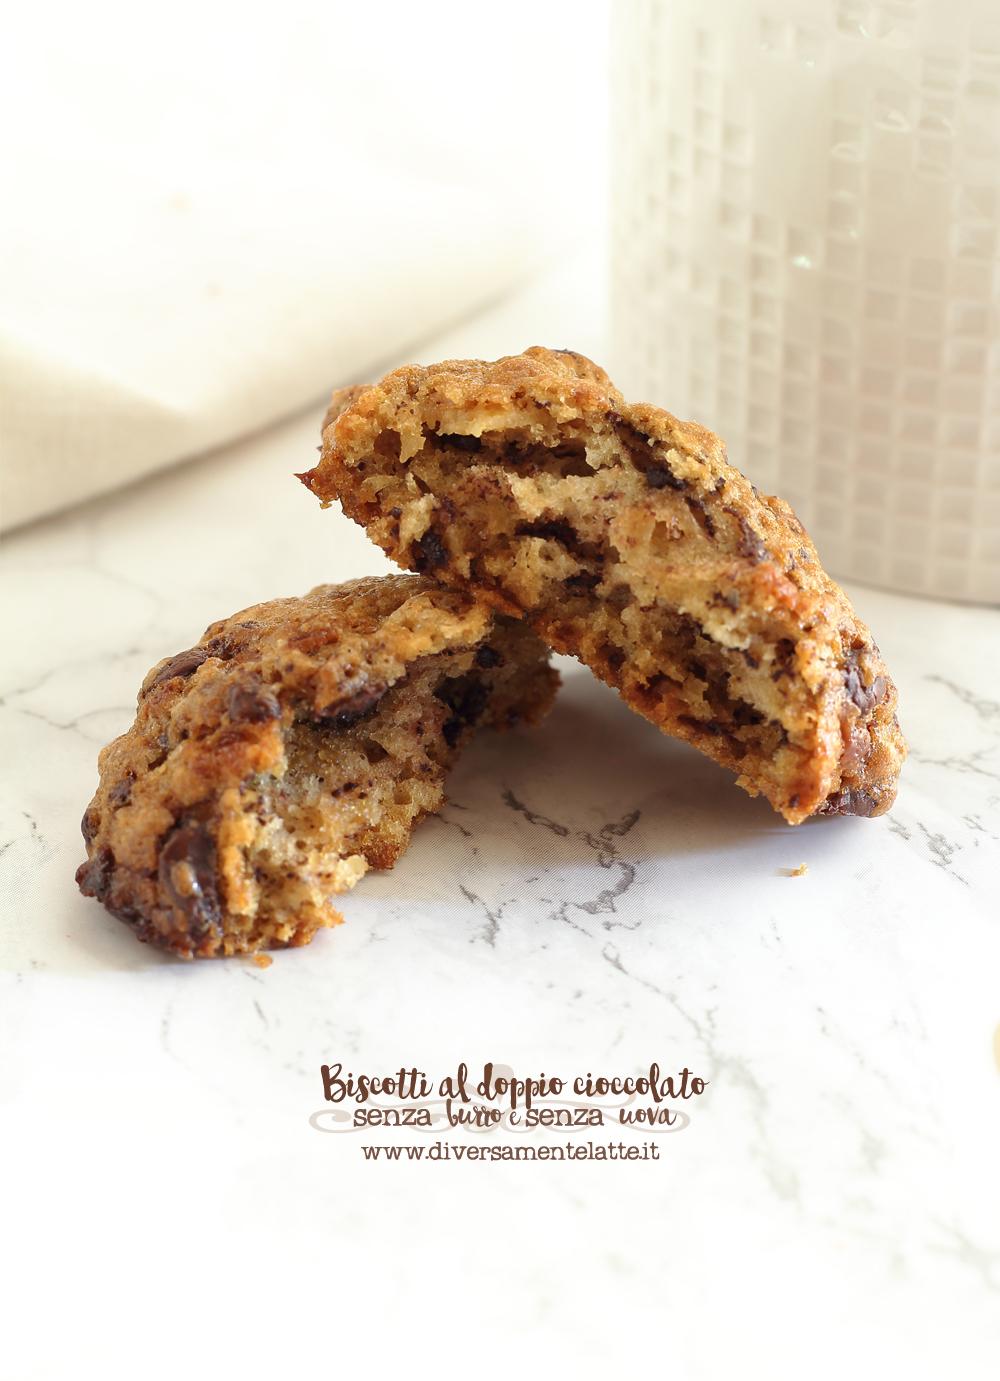 biscotto al doppio cioccolato senza burro senza uova